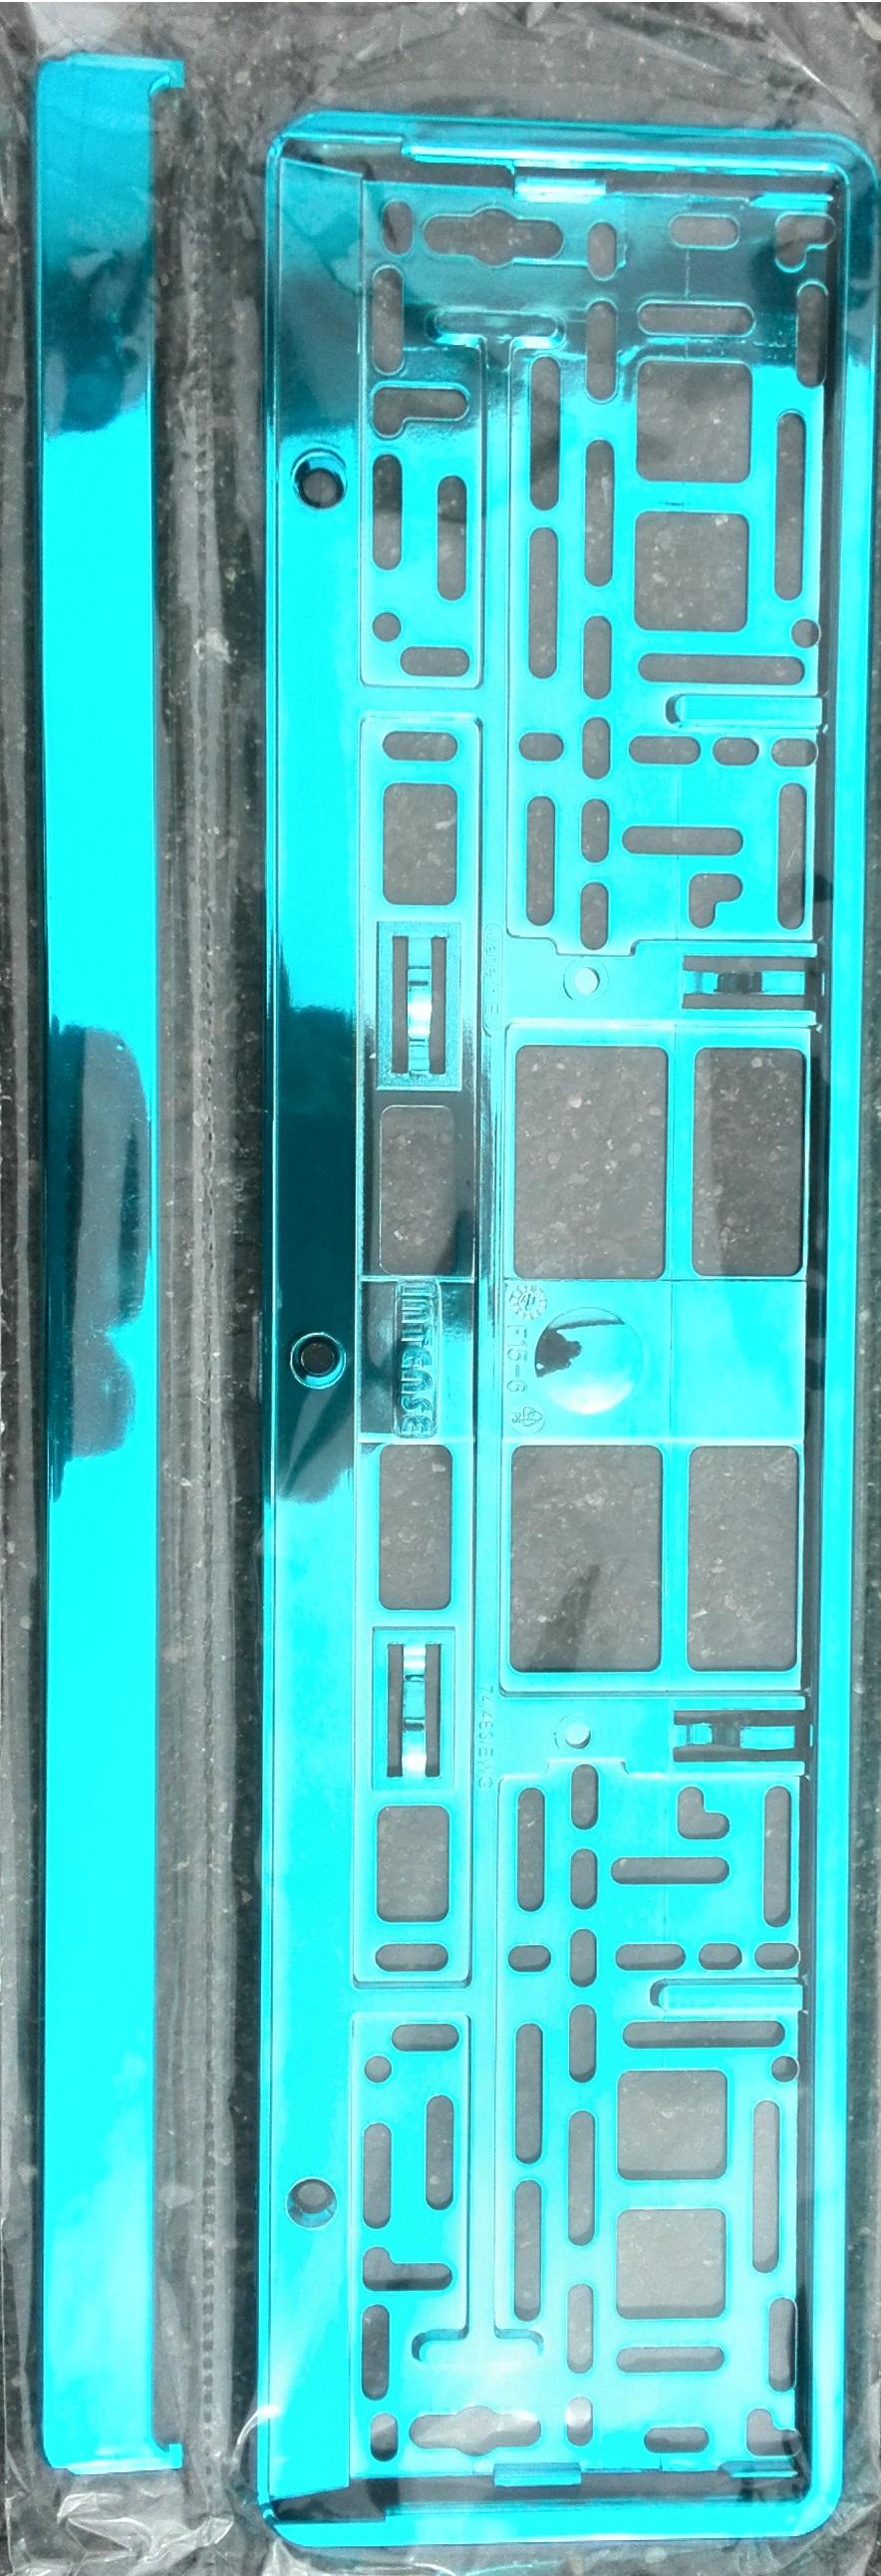 Podložka pod SPZ metallic s odnímatelným panelem tyrkysová modř